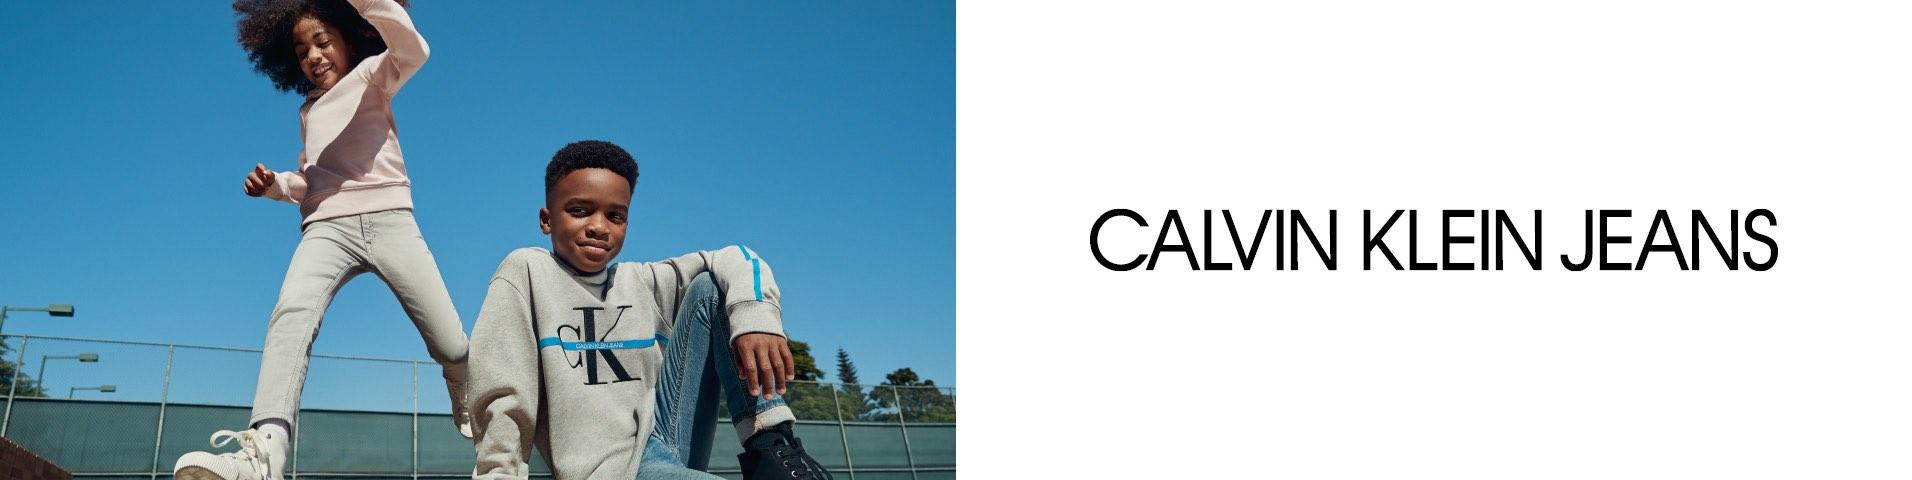 Bluzy dla dzieci Calvin Klein w ZALANDO   dostawa za darmo